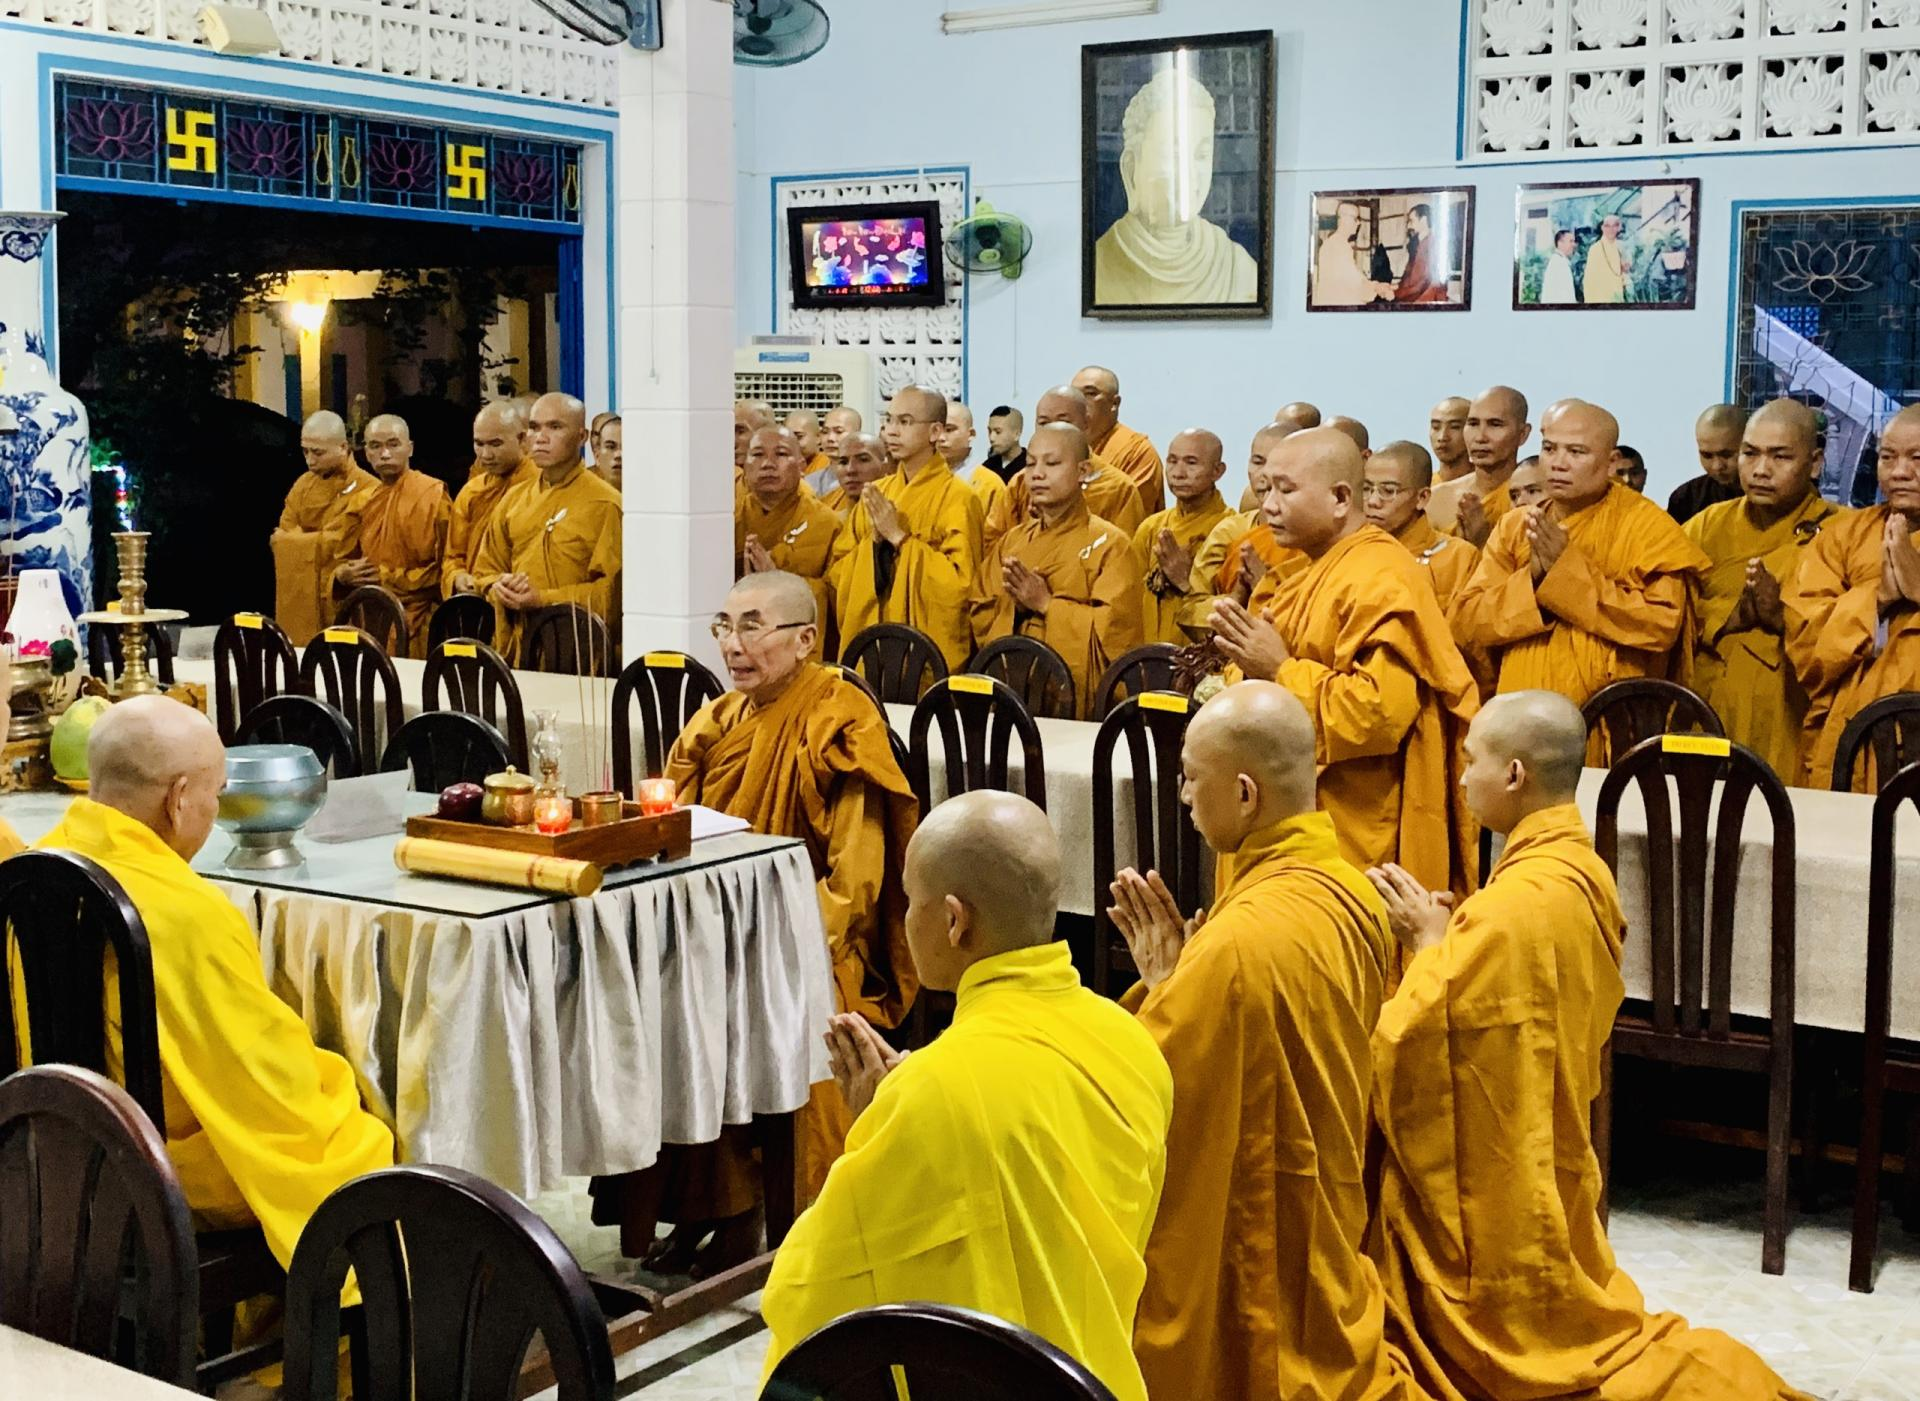 Lễ Đối Thú An Cư kiết hạ Phật lịch 2564 tại Tổ Đình Quan Âm Tu Viện